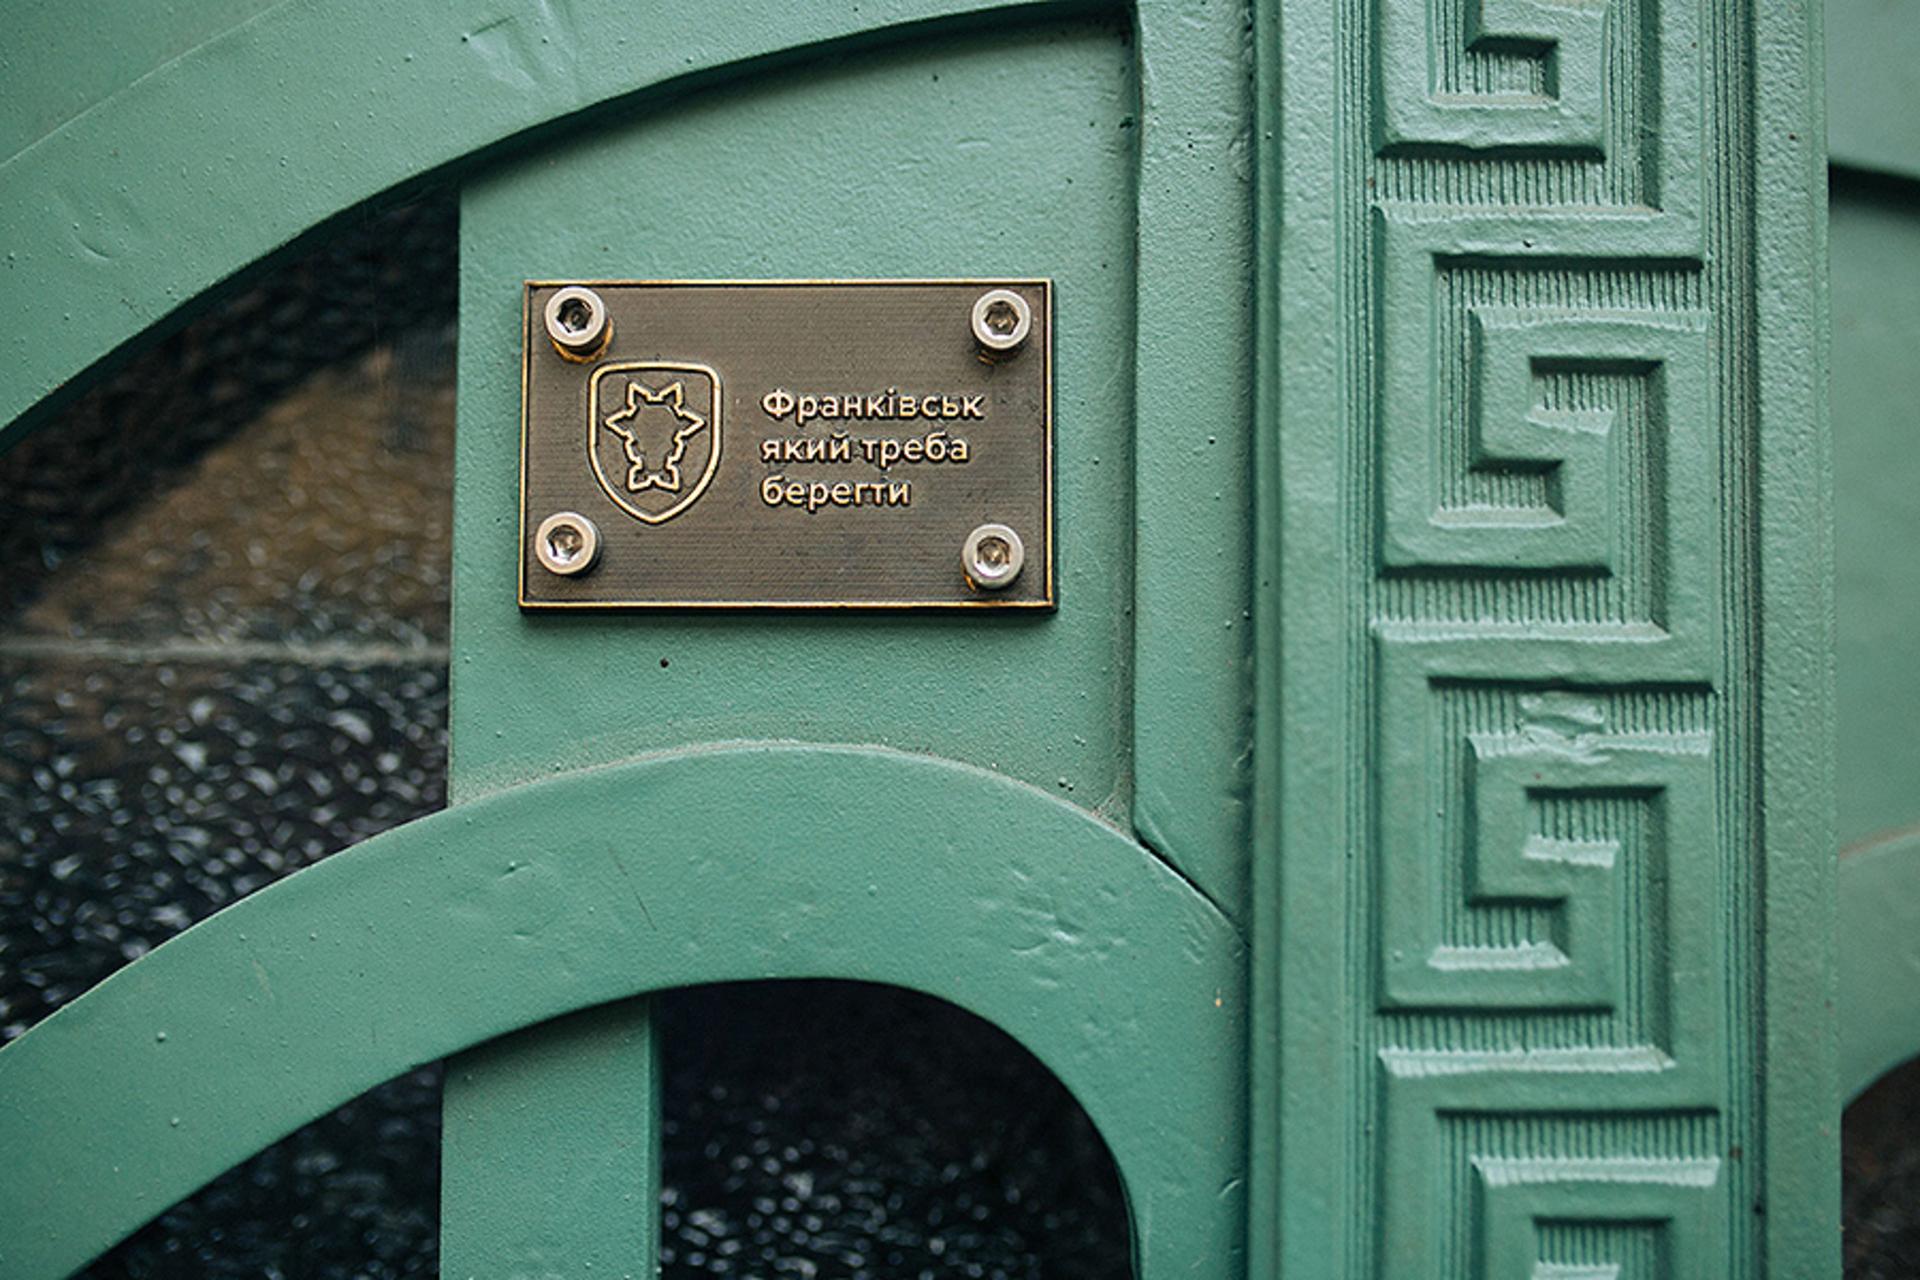 Франківськ. Двері, які треба берегти-Фото 1